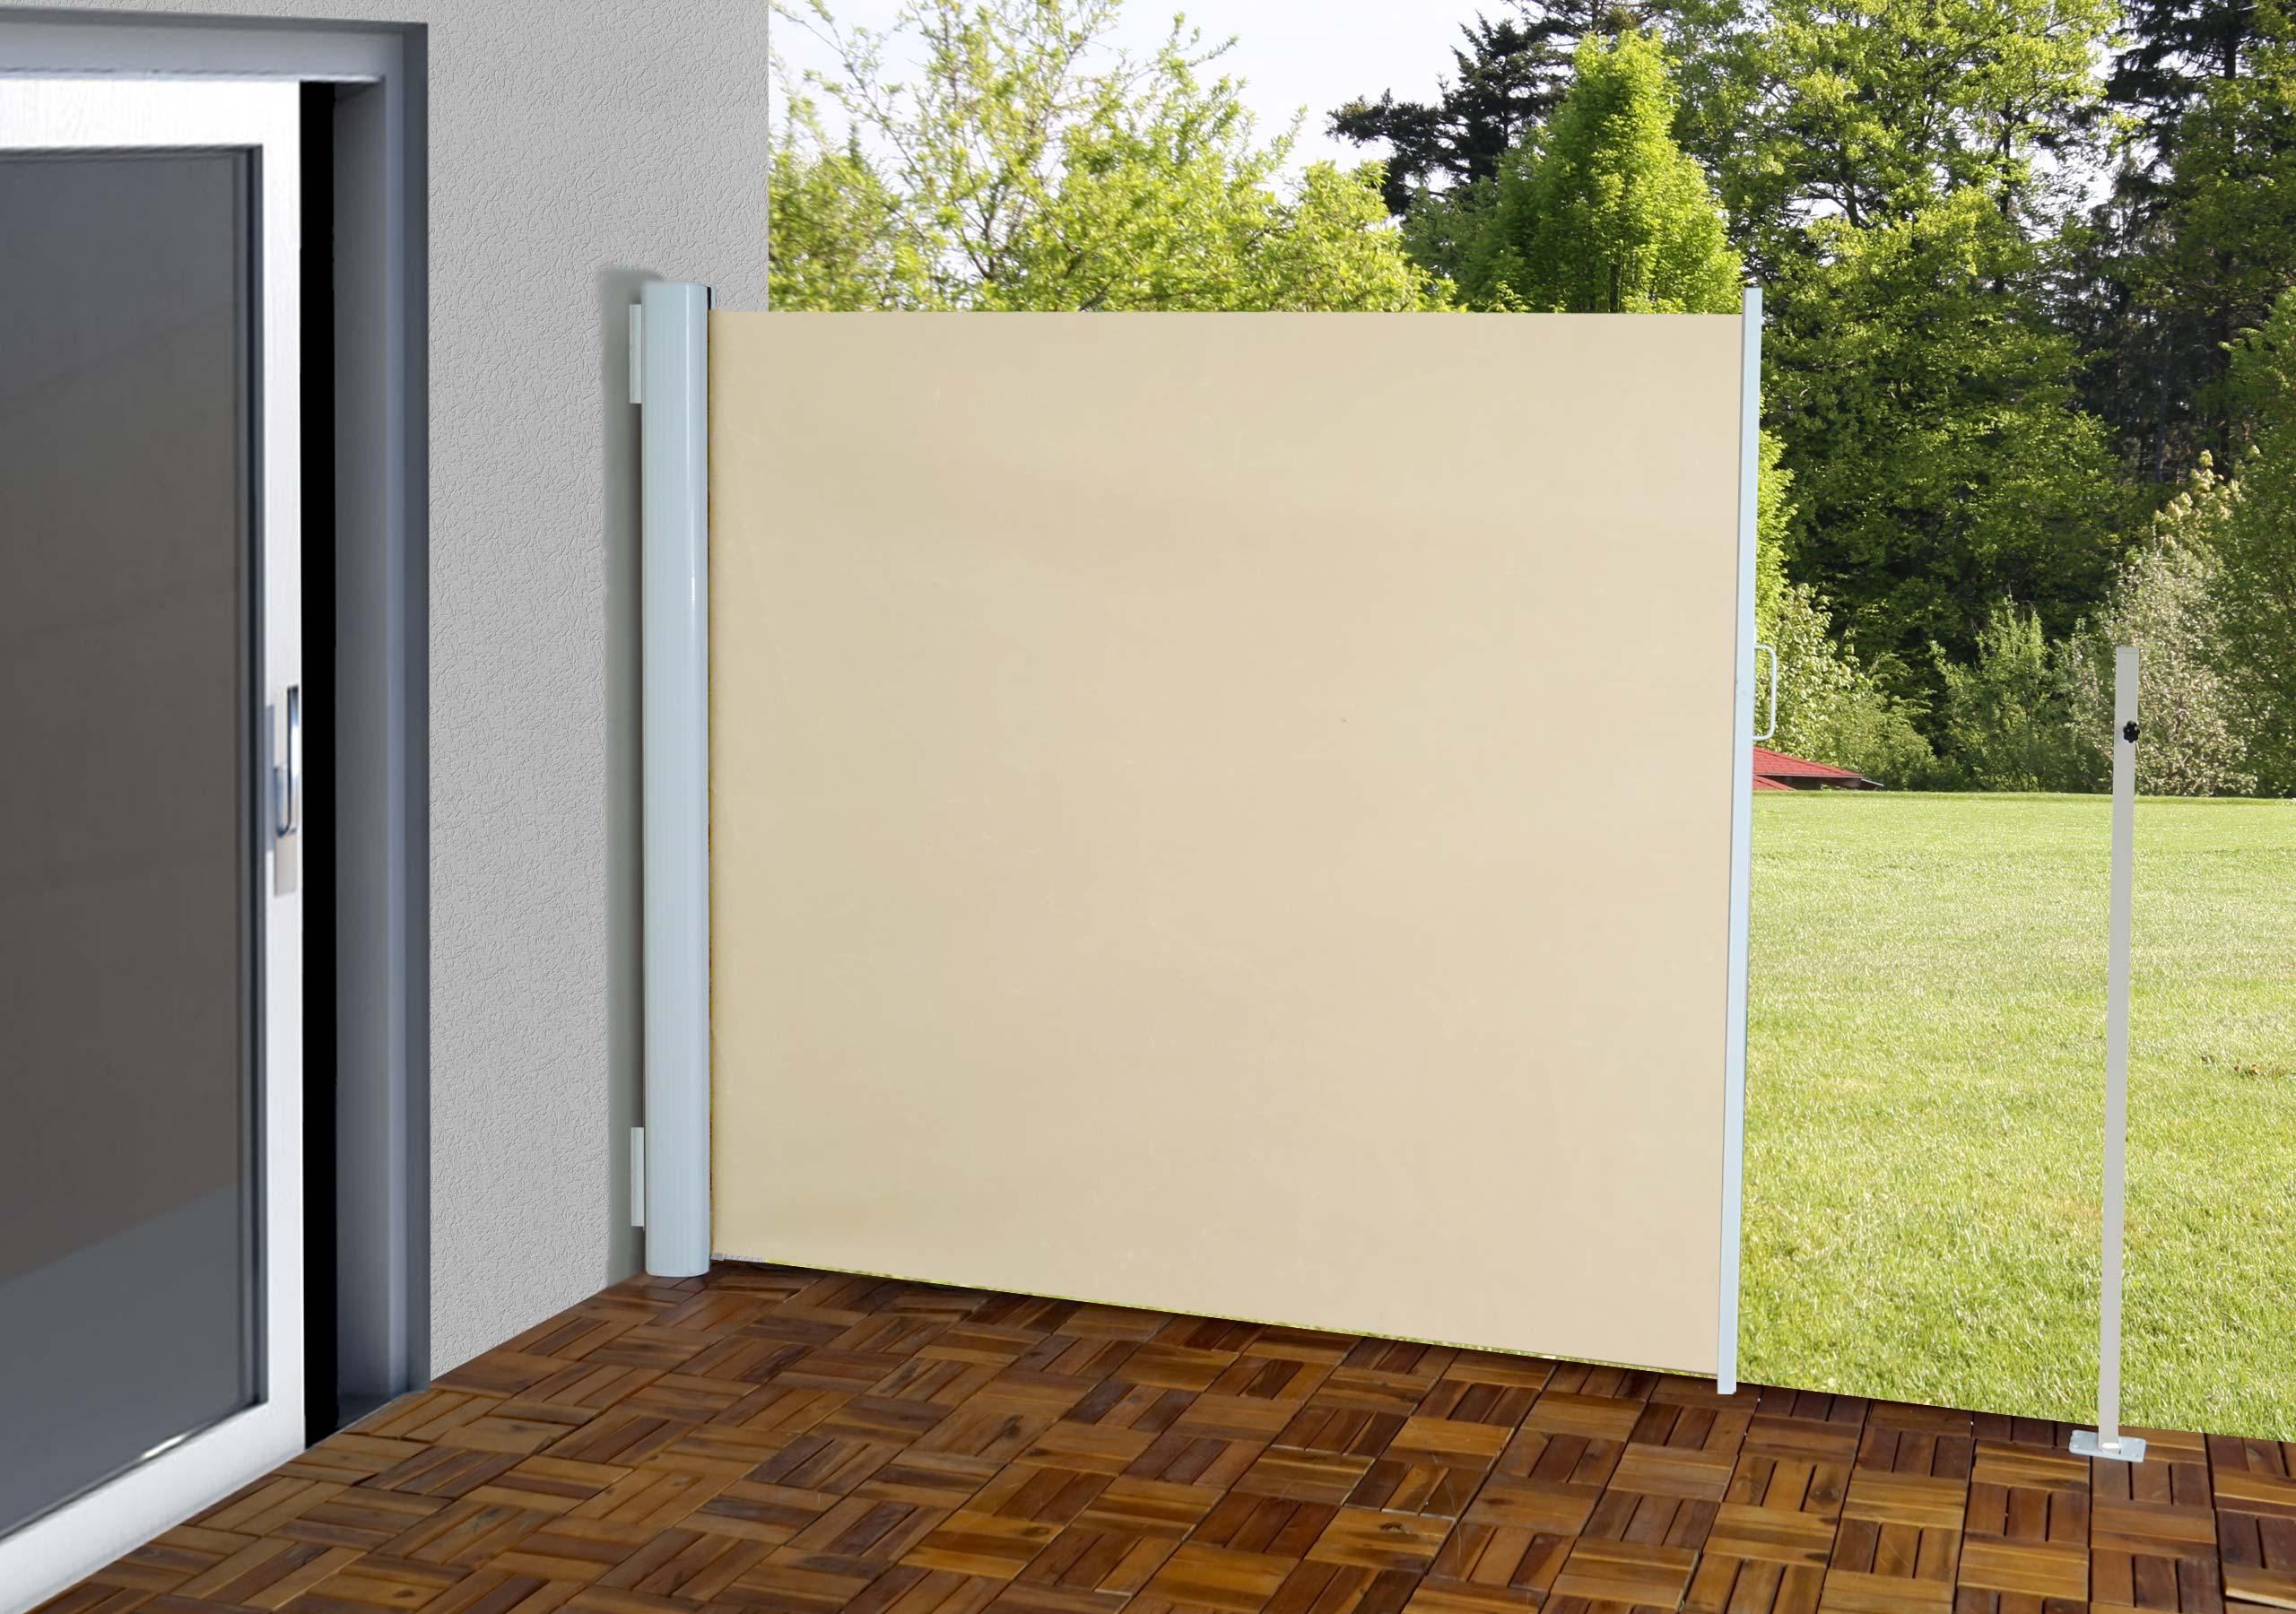 seitenmarkise t140 sichtschutz sonnenschutz windschutz alu 1 6x3m oder 1 8x3m. Black Bedroom Furniture Sets. Home Design Ideas